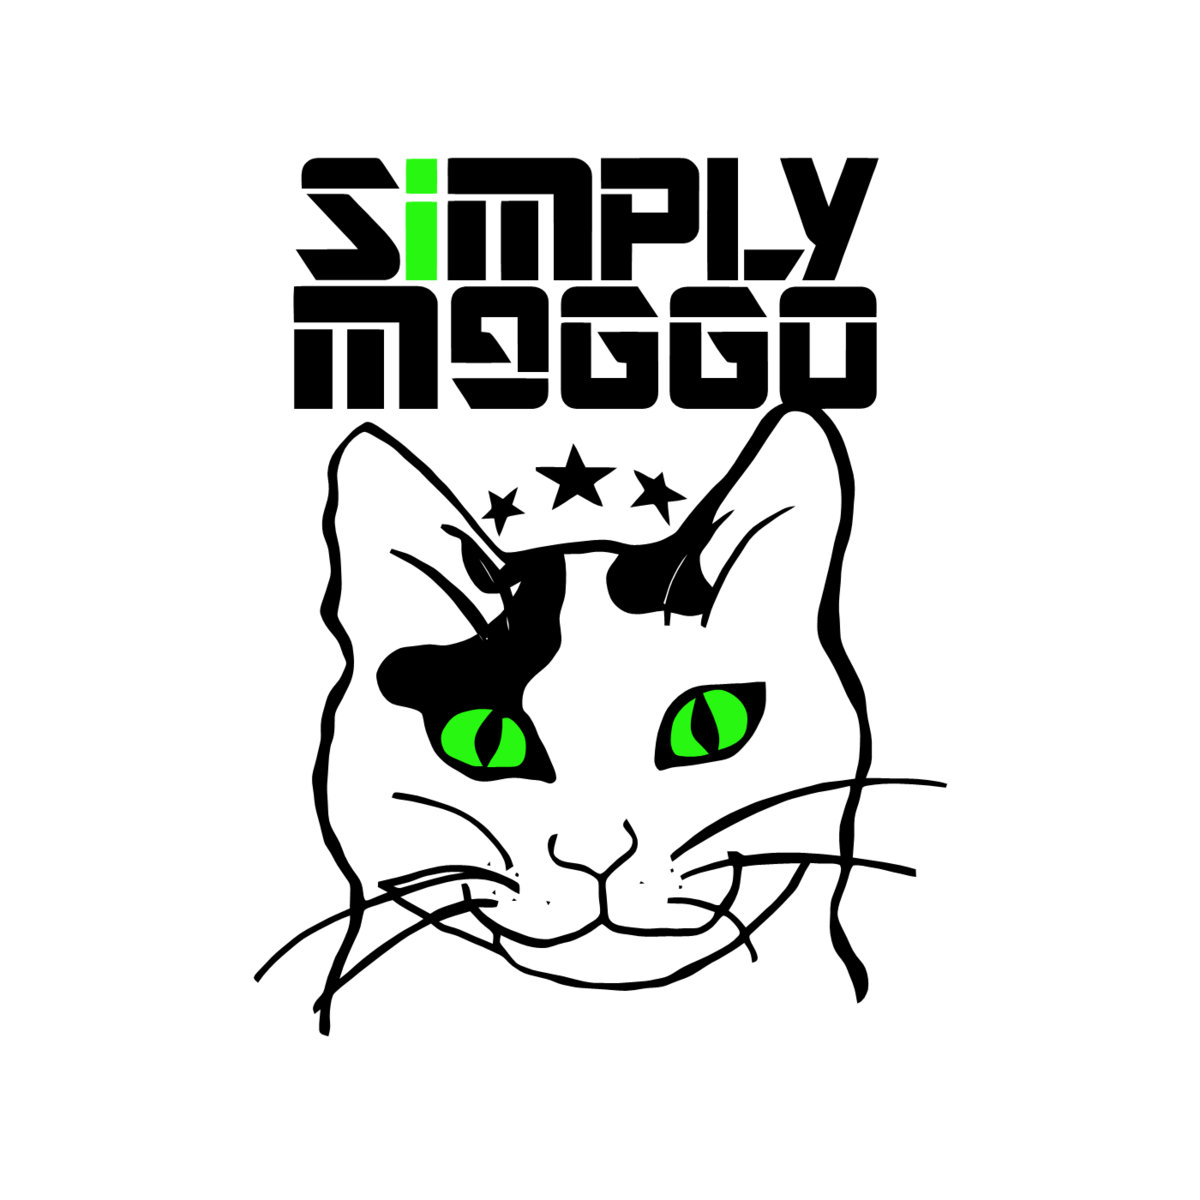 Album Review: SIMPLY MEGGO 'Behind GreenEyes'